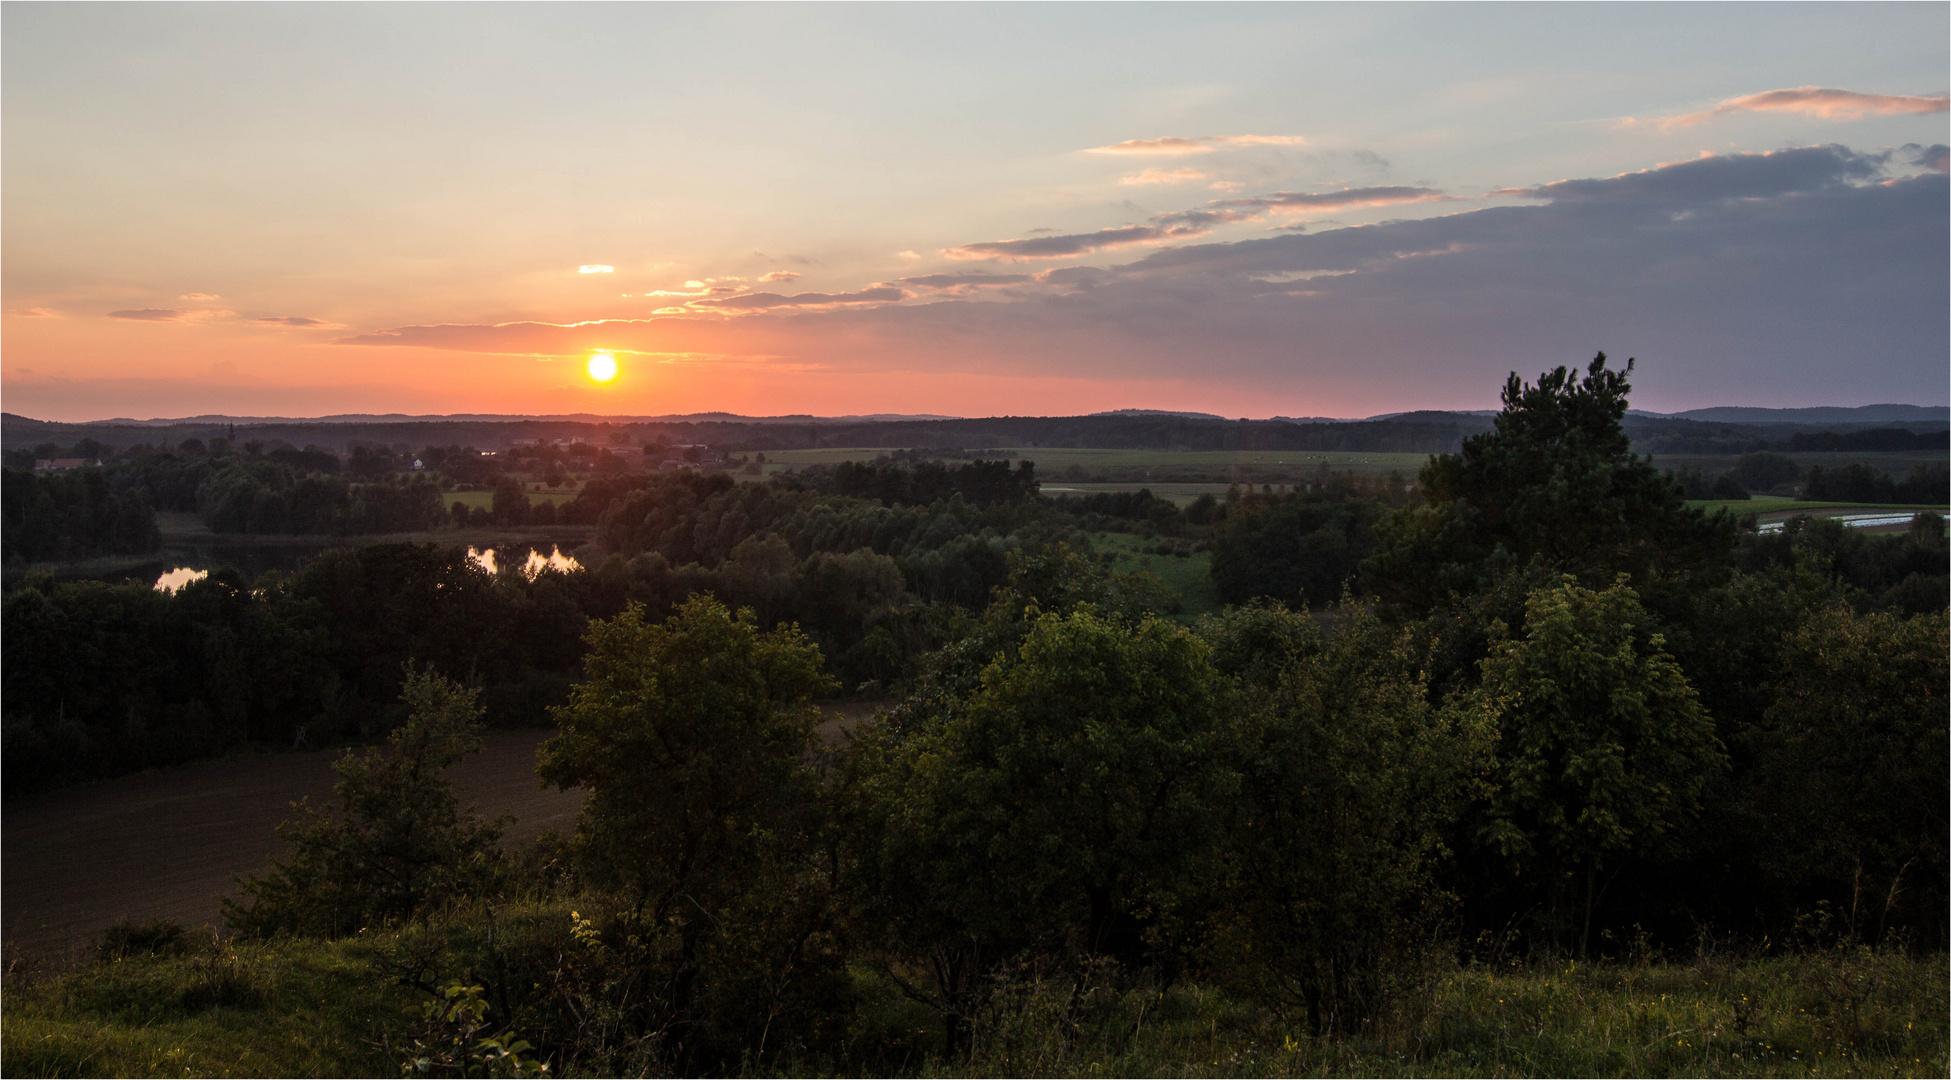 Brodowiner Landschaft am Abend